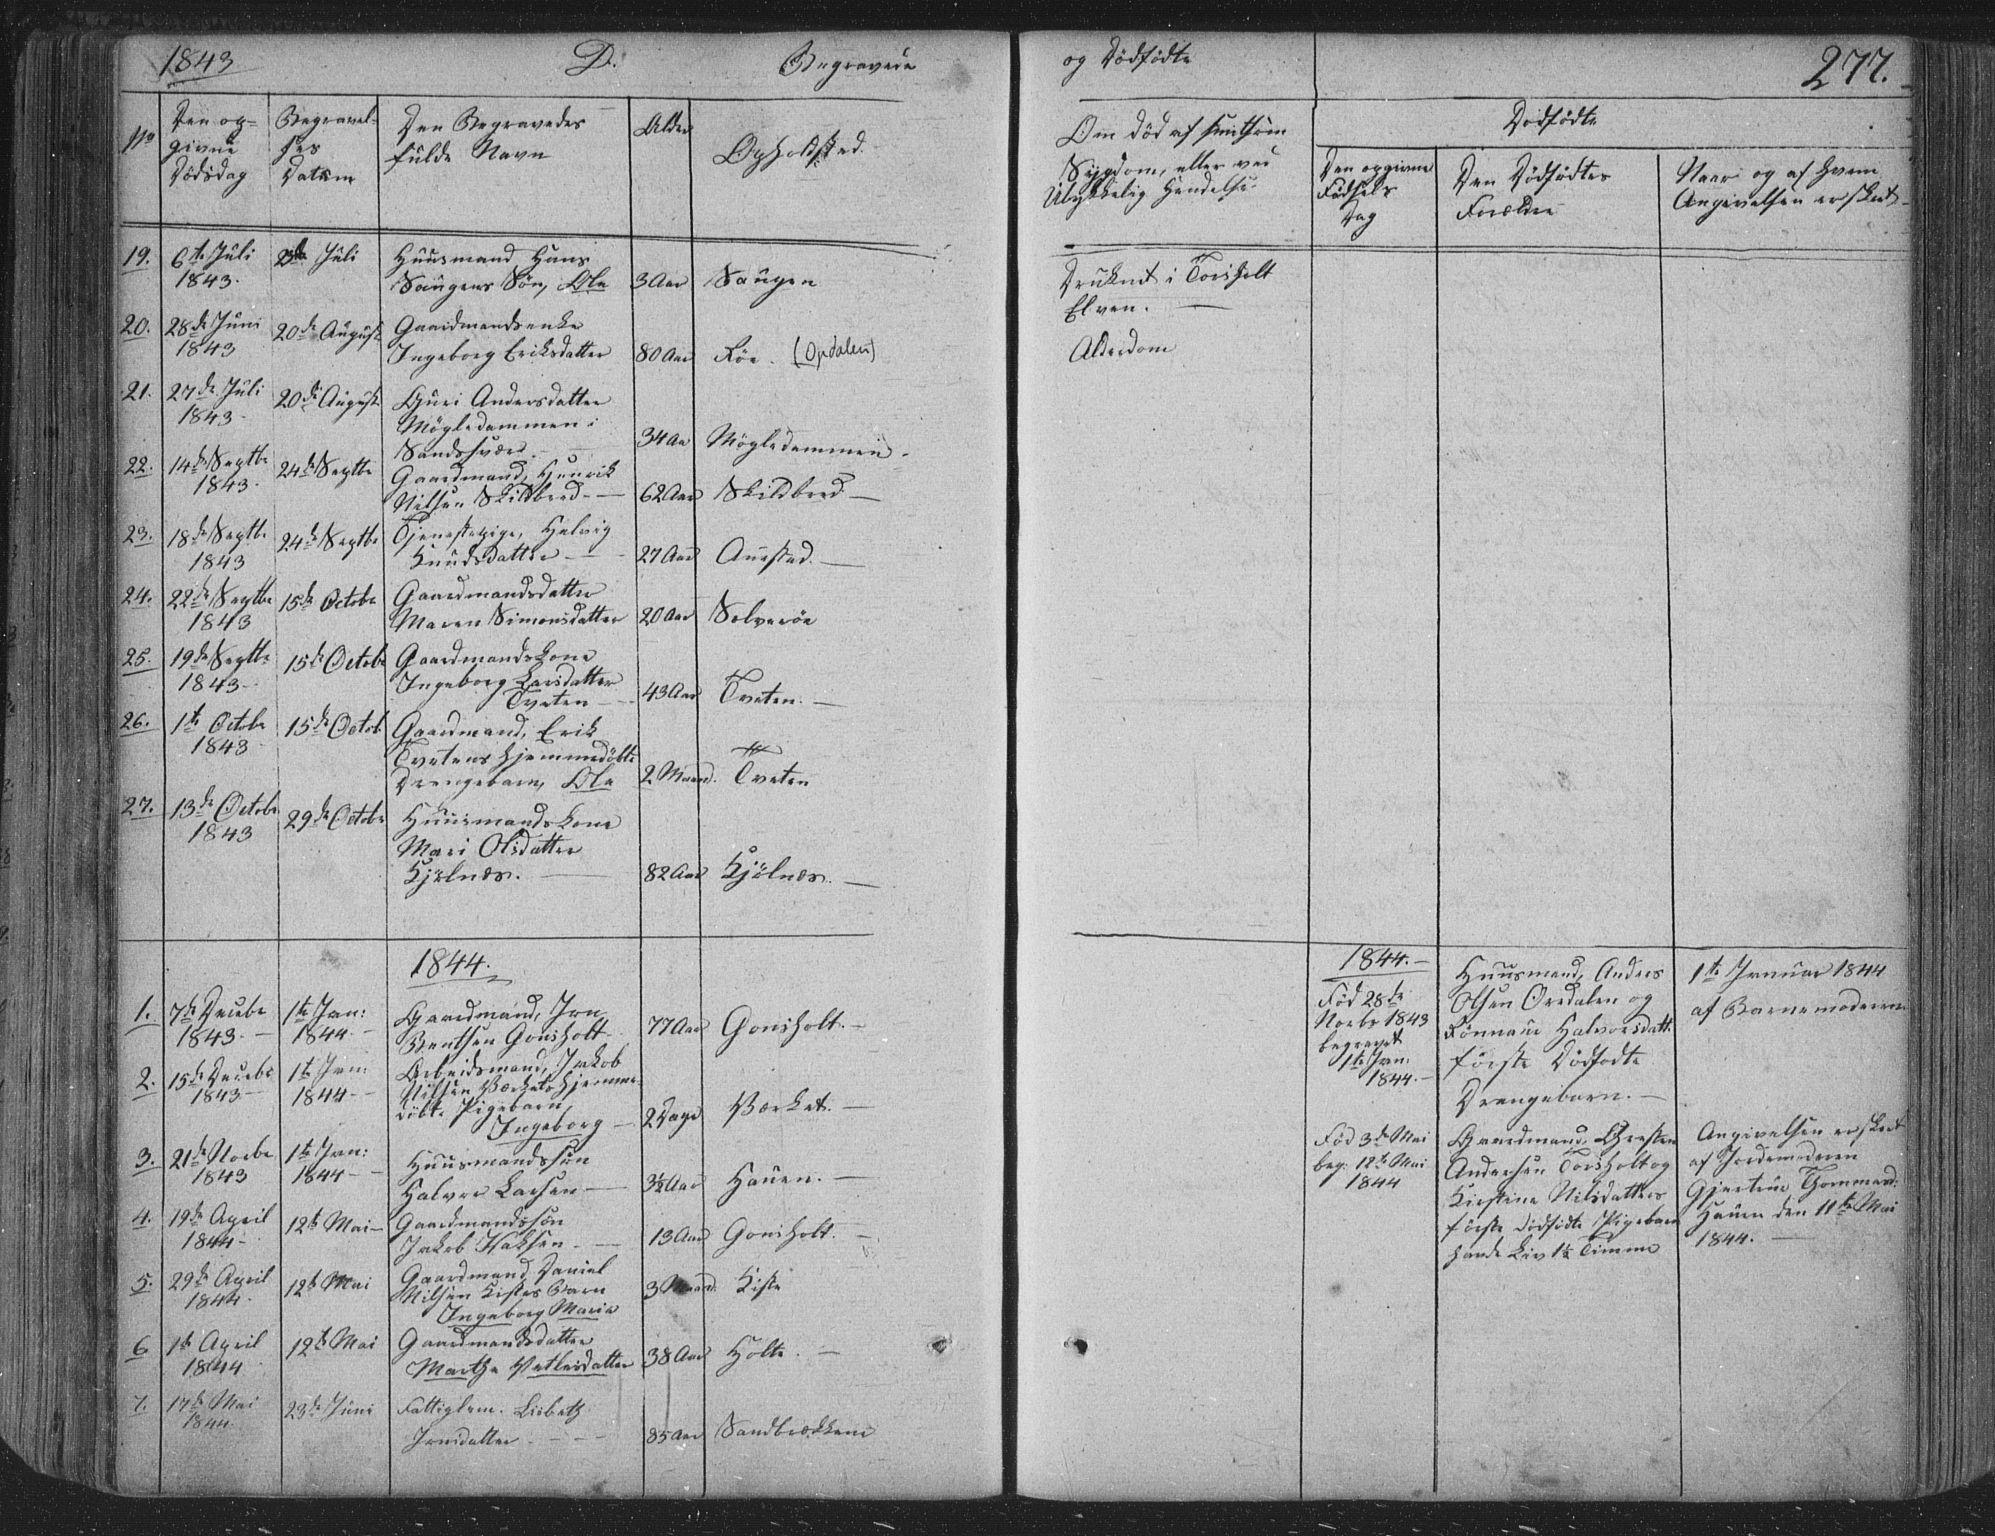 SAKO, Siljan kirkebøker, F/Fa/L0001: Ministerialbok nr. 1, 1831-1870, s. 277